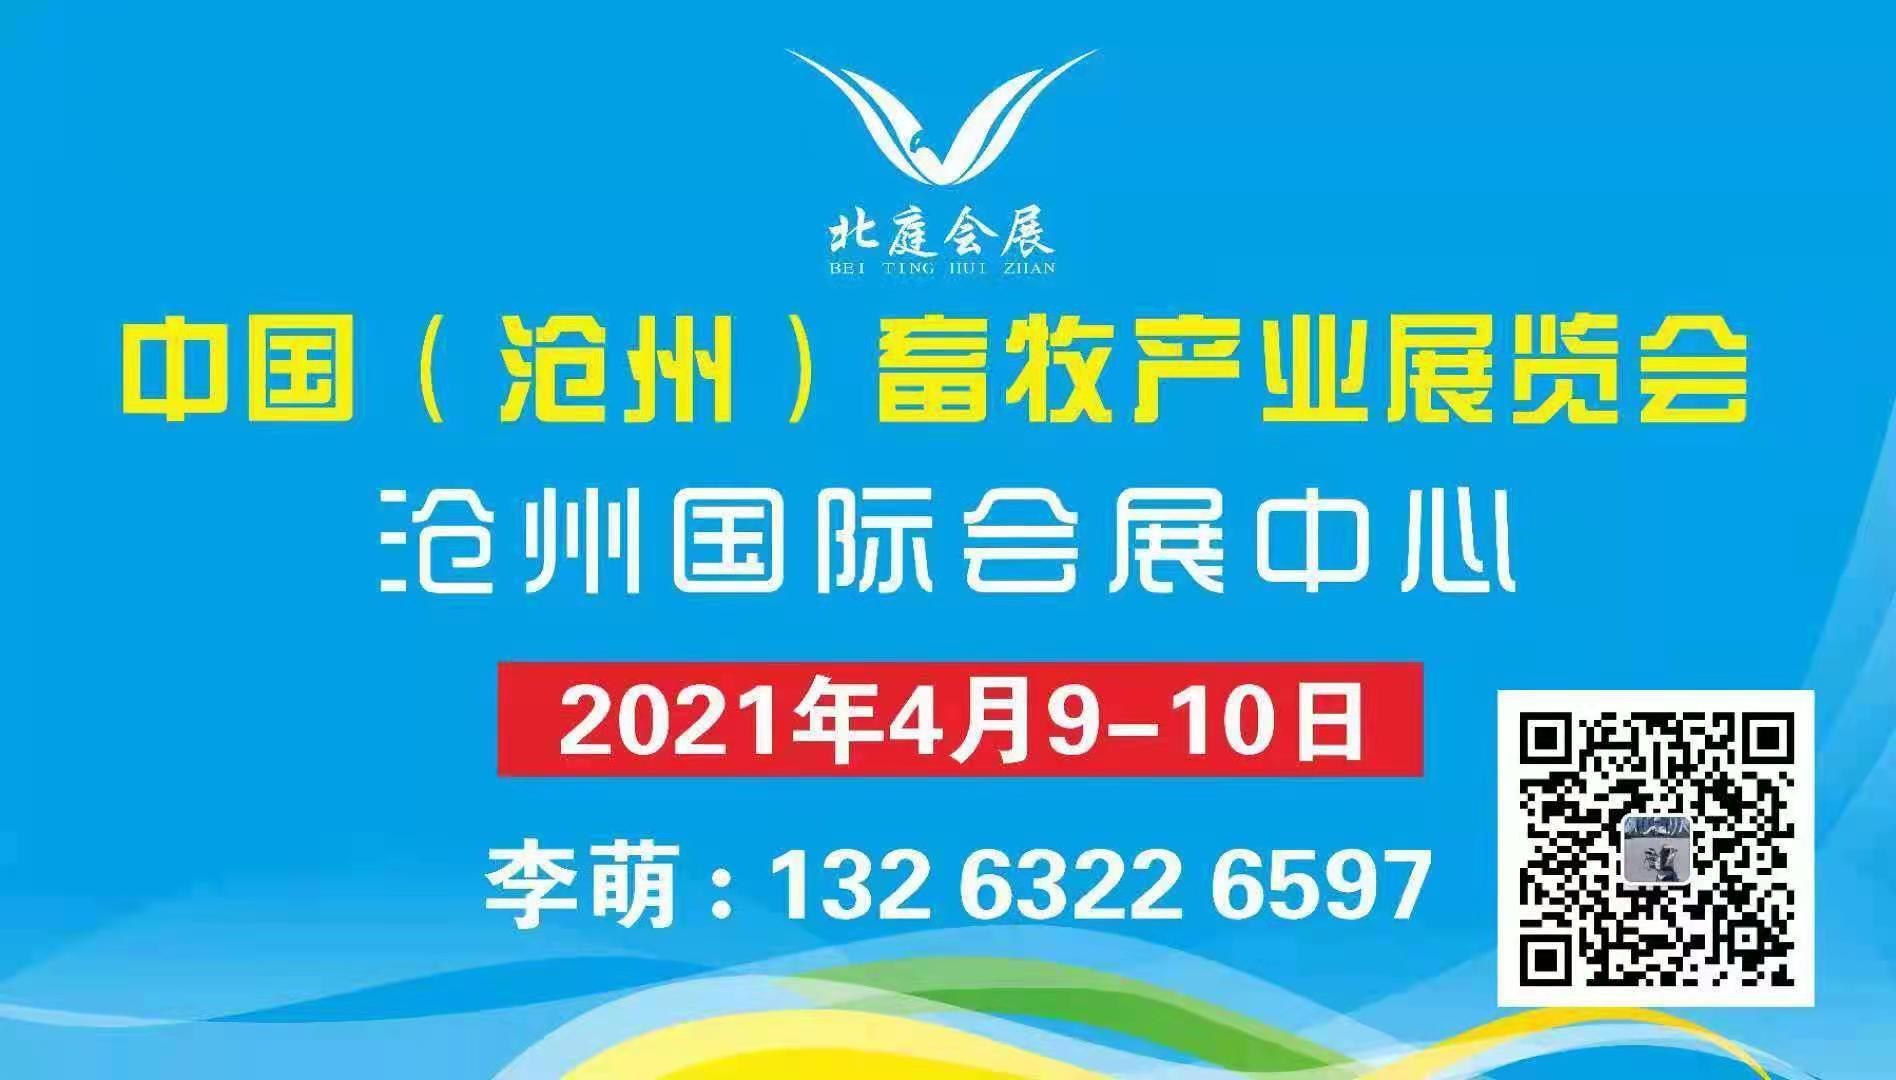 2021河北畜牧展沧州畜牧展